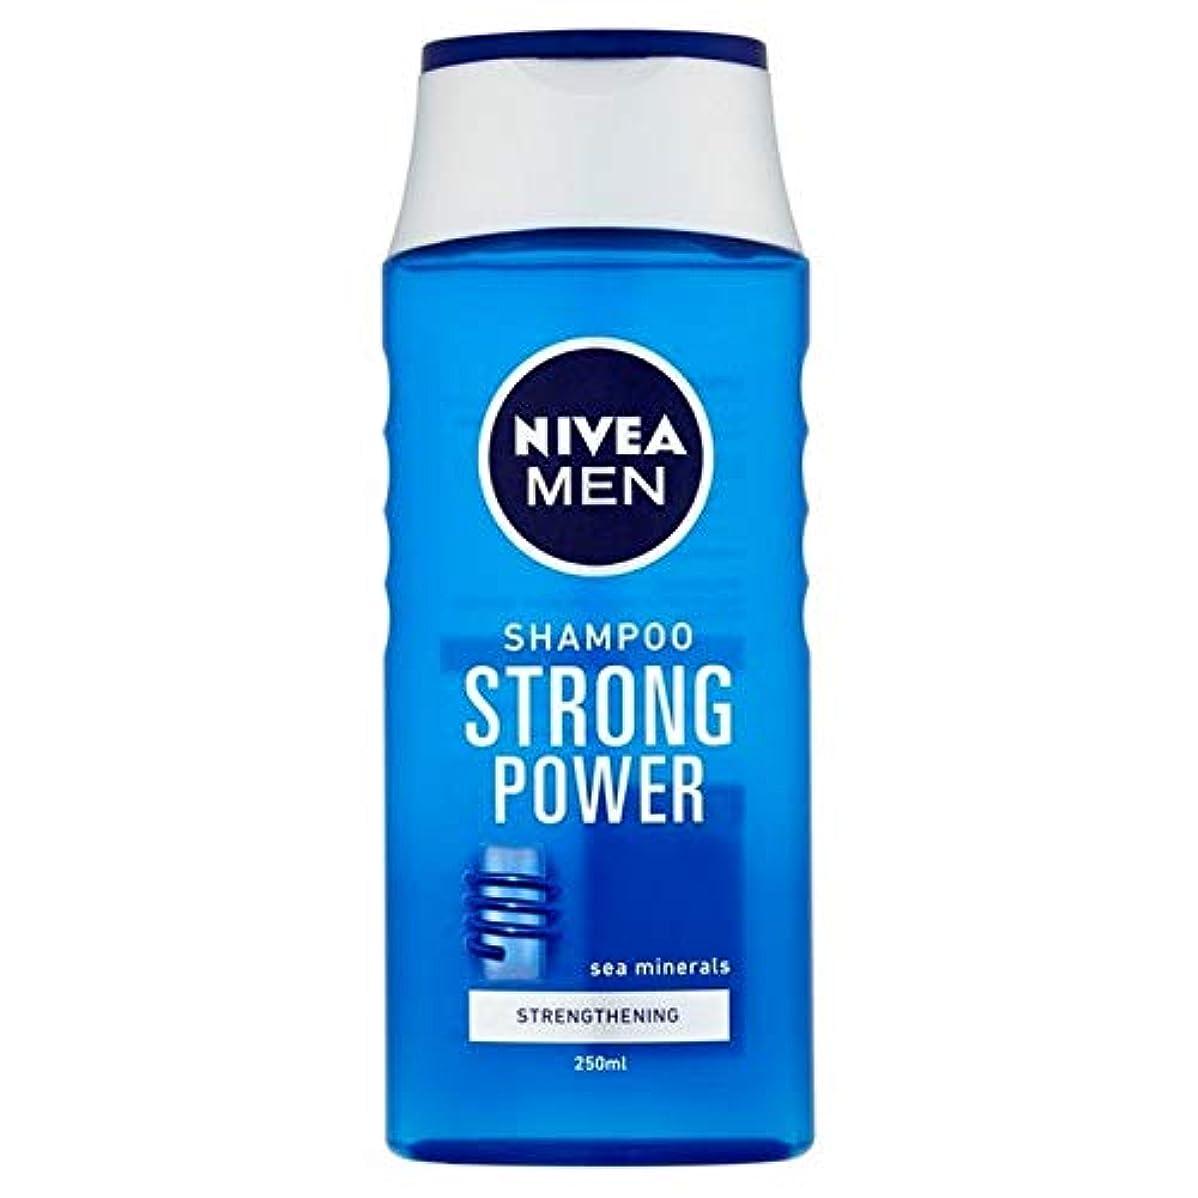 透けて見える急ぐ想定する[Nivea ] ニベアの男性は、強いパワー250ミリリットルシャンプー - Nivea Men Shampoo Strong Power 250ml [並行輸入品]